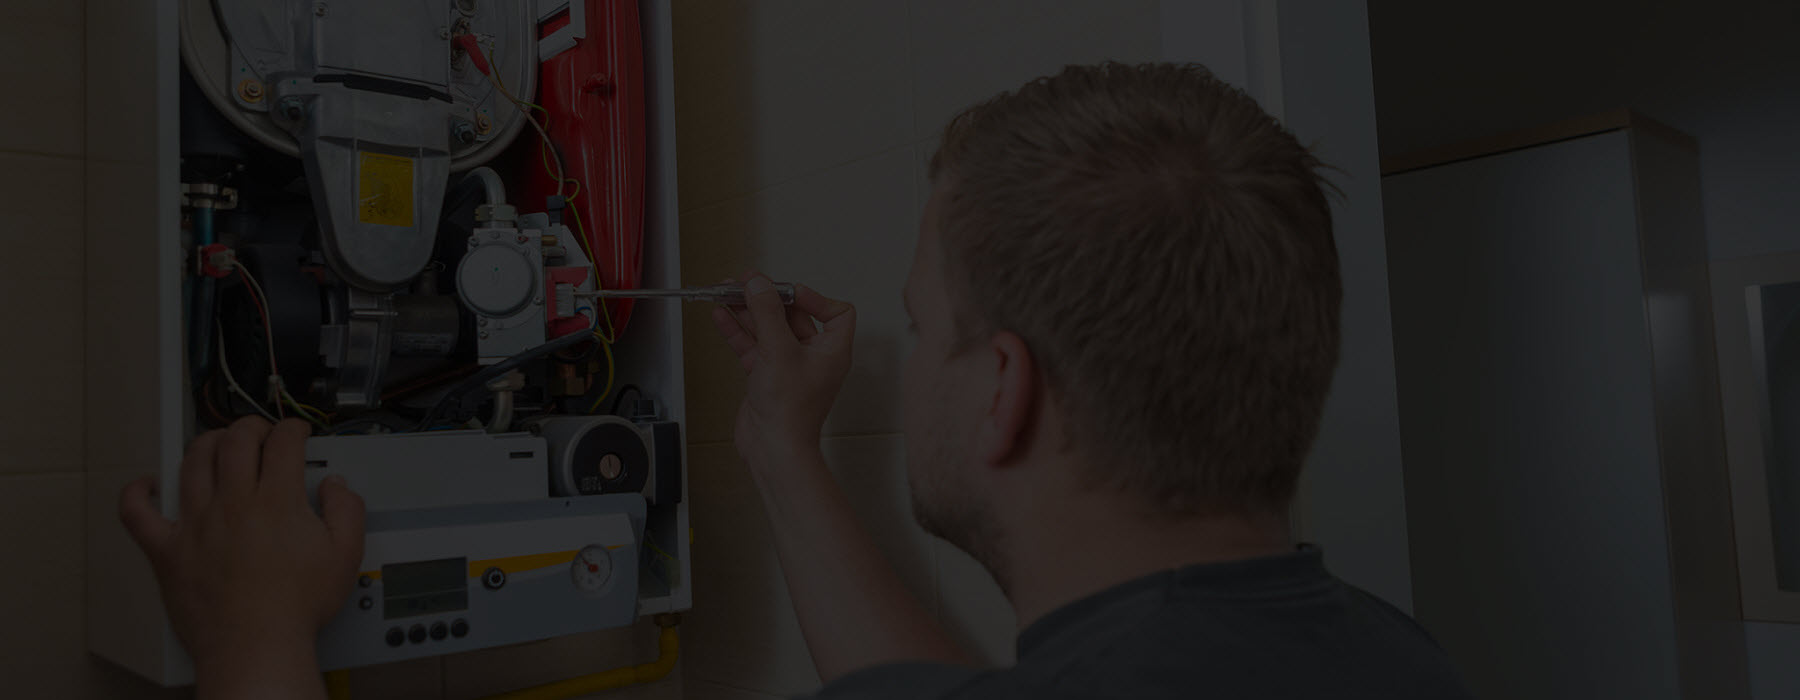 Boiler Repair Company Manchester_opt